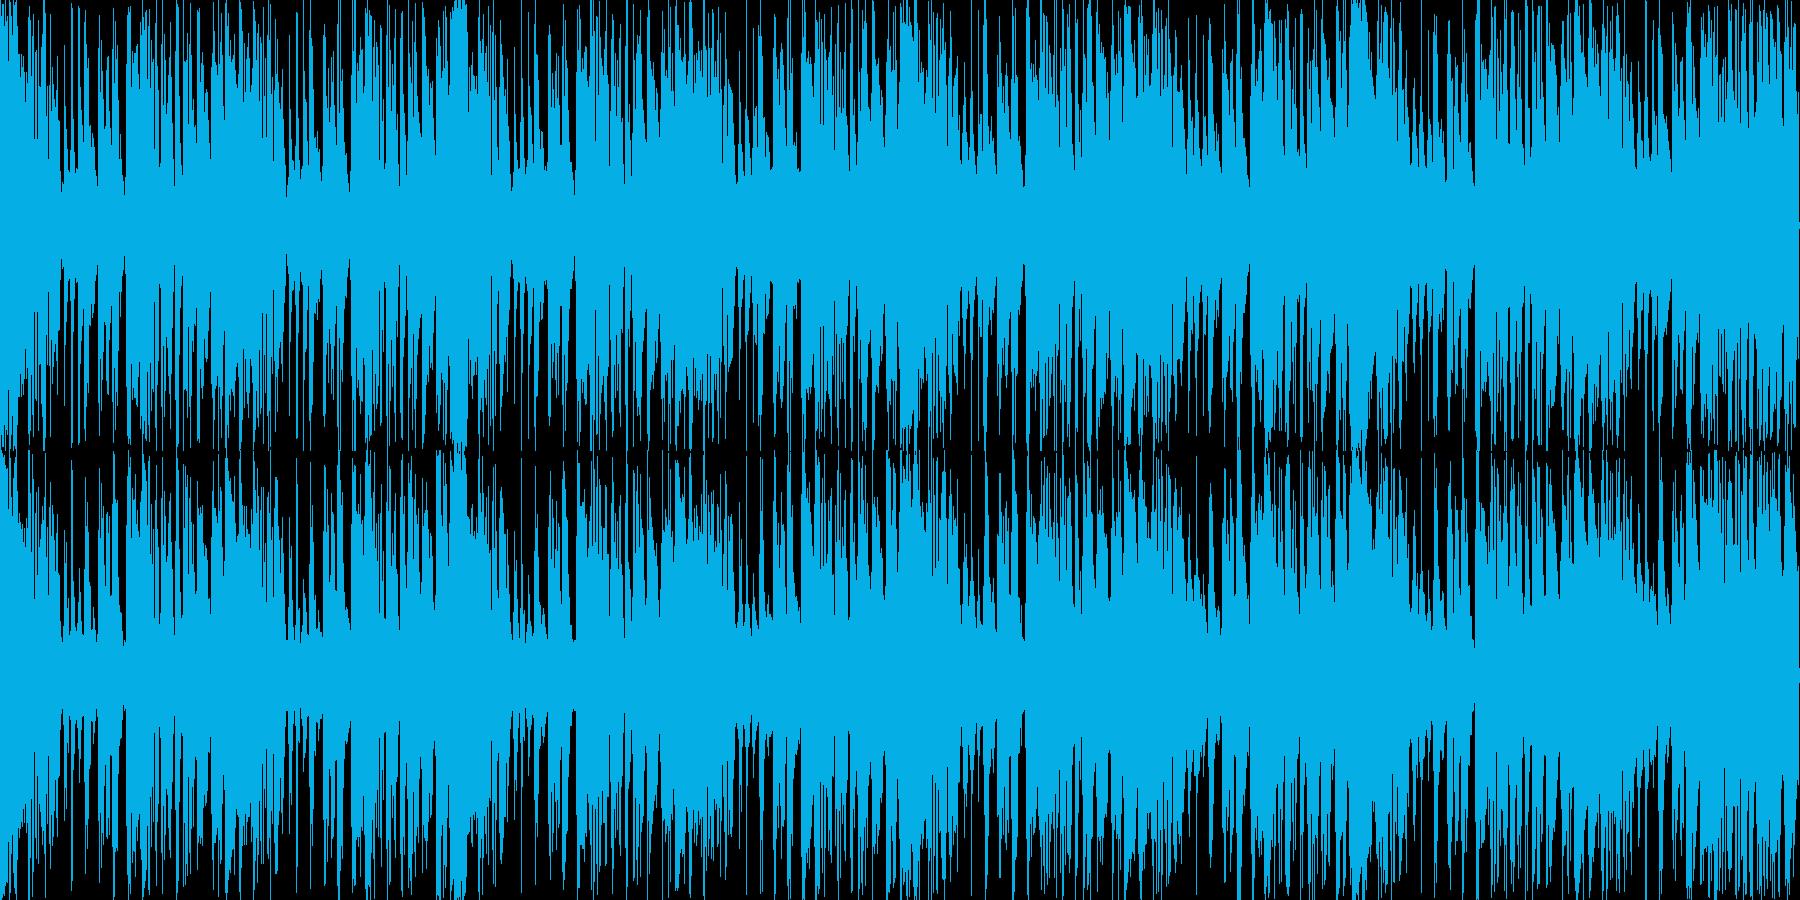 ループ素材を使用したサウンドに、後半メ…の再生済みの波形